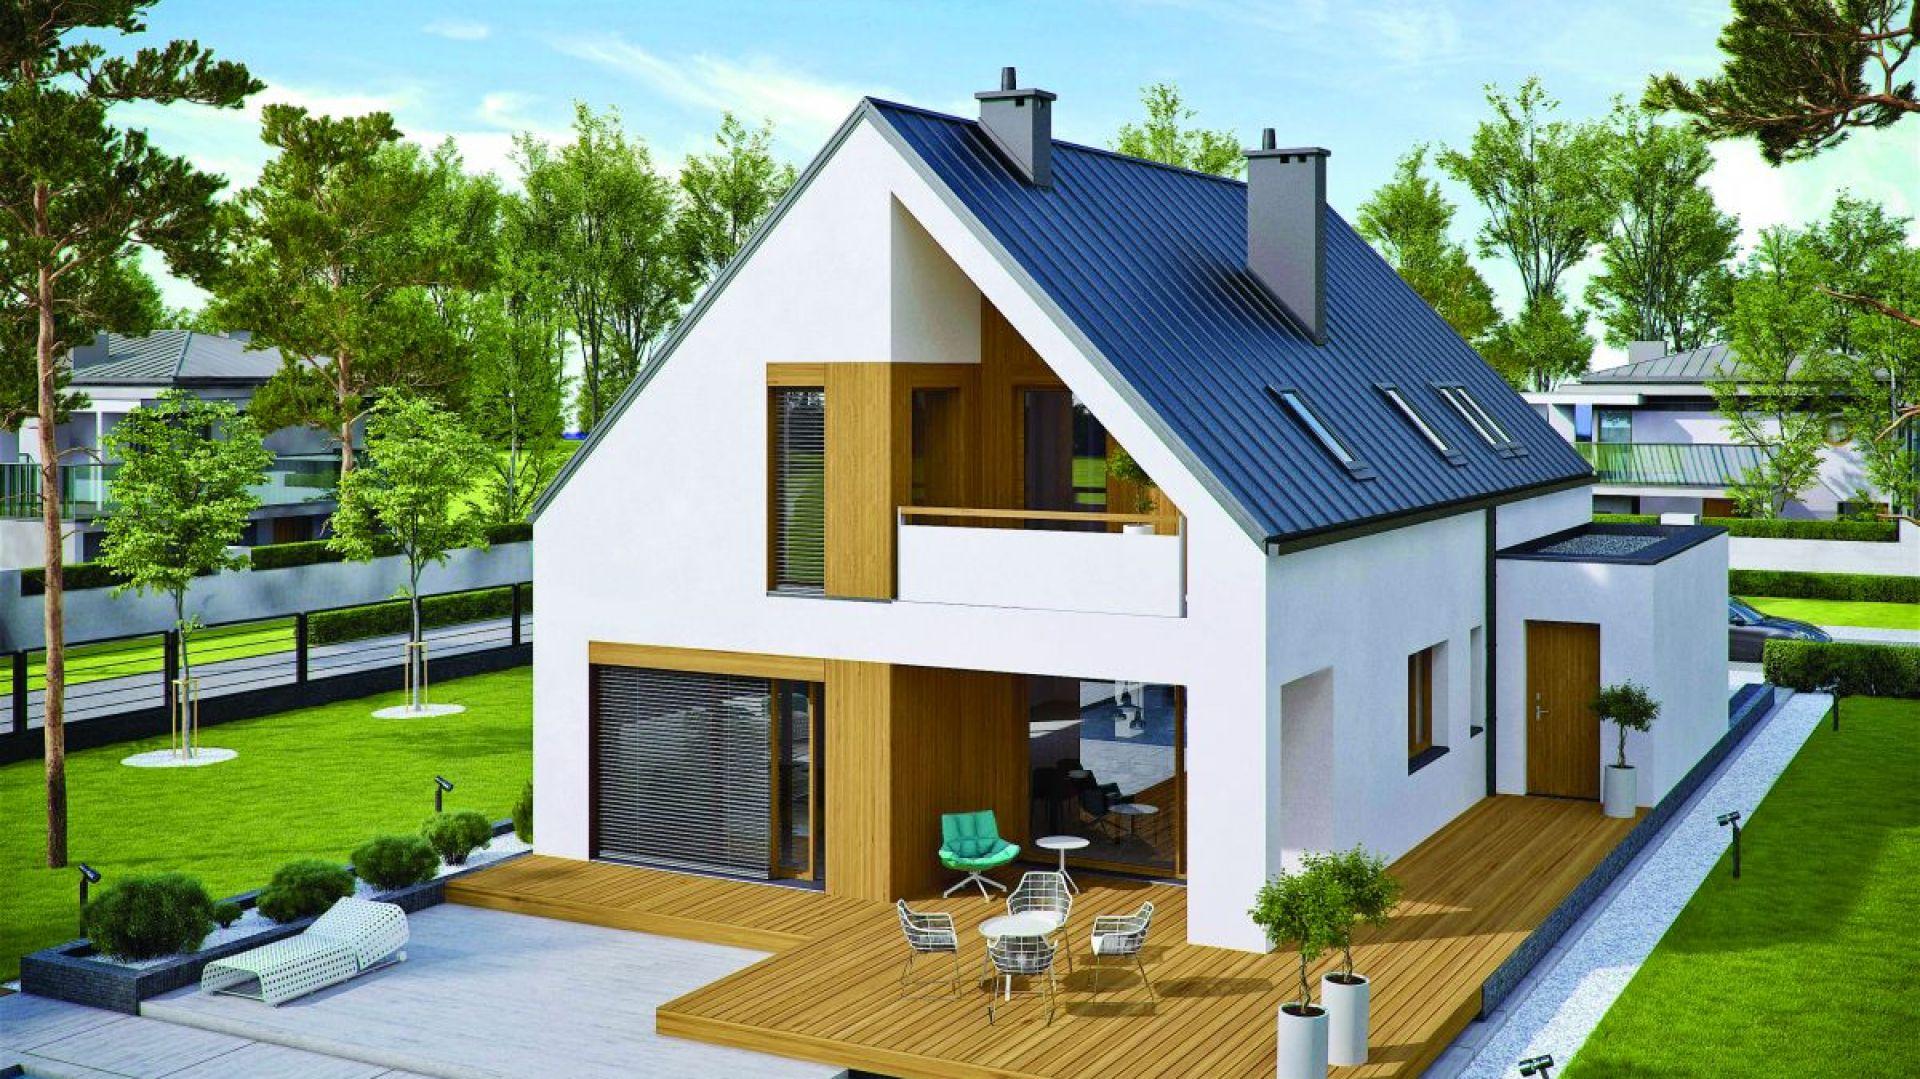 Dzięki prostej konstrukcji projekt jest szybki i tani w budowie, a ponadto bardzo ciepły oraz ekonomiczny w utrzymaniu. Projekt: arch. Artur Wójciak. Fot. Pracownia Projektowa Archipelag